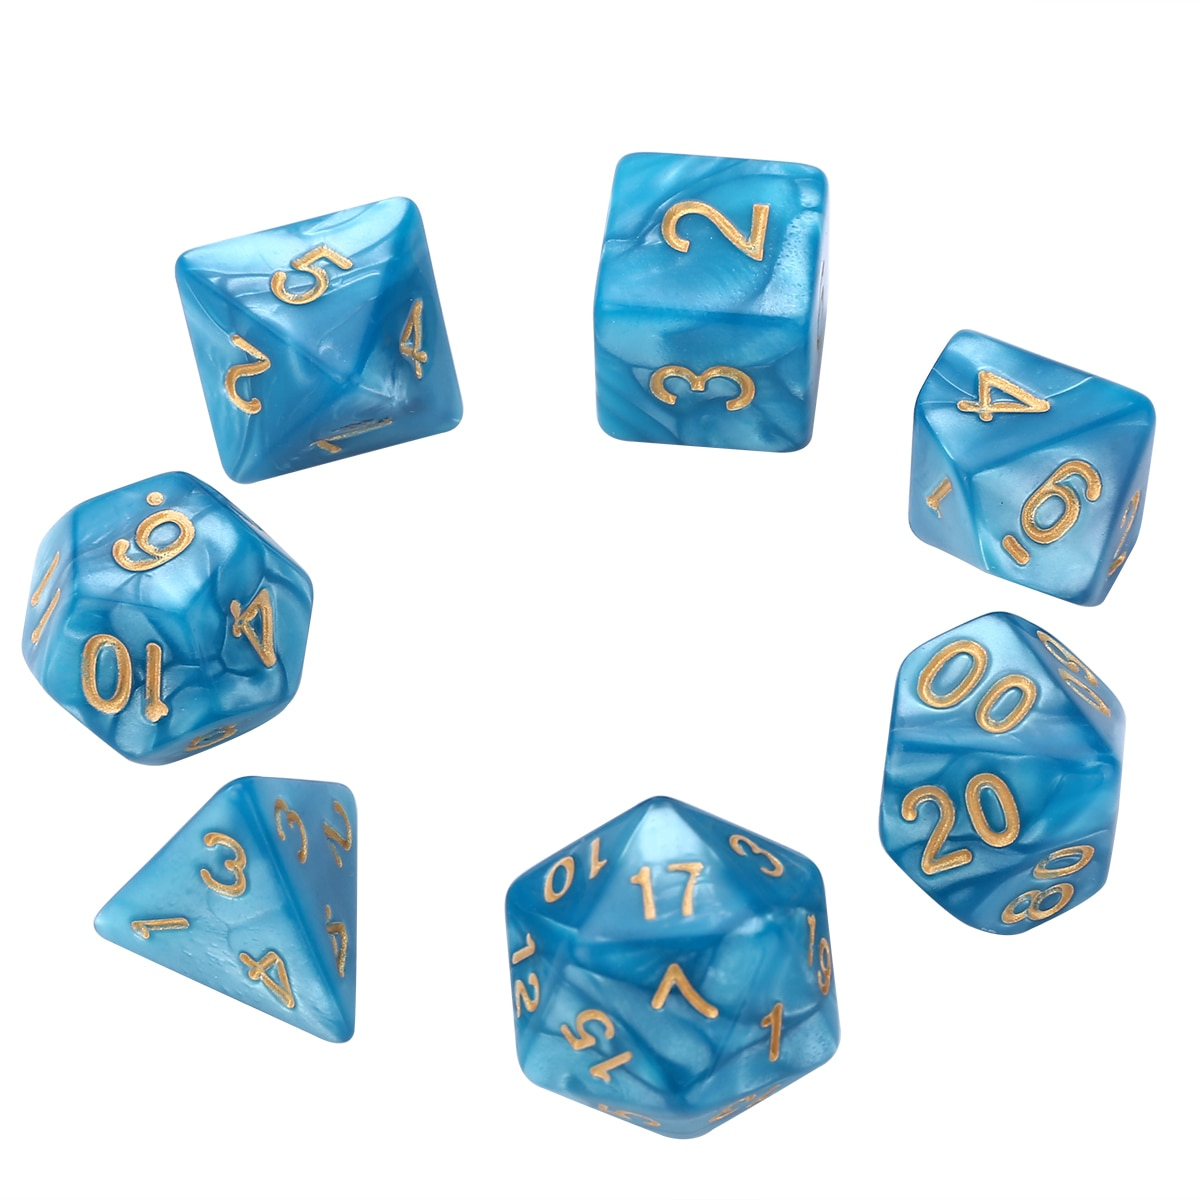 7 unids/set 16mm dados azules poliédricos estándar seis lados 20 lados para juego de dados RPG juego de dados de cumpleaños